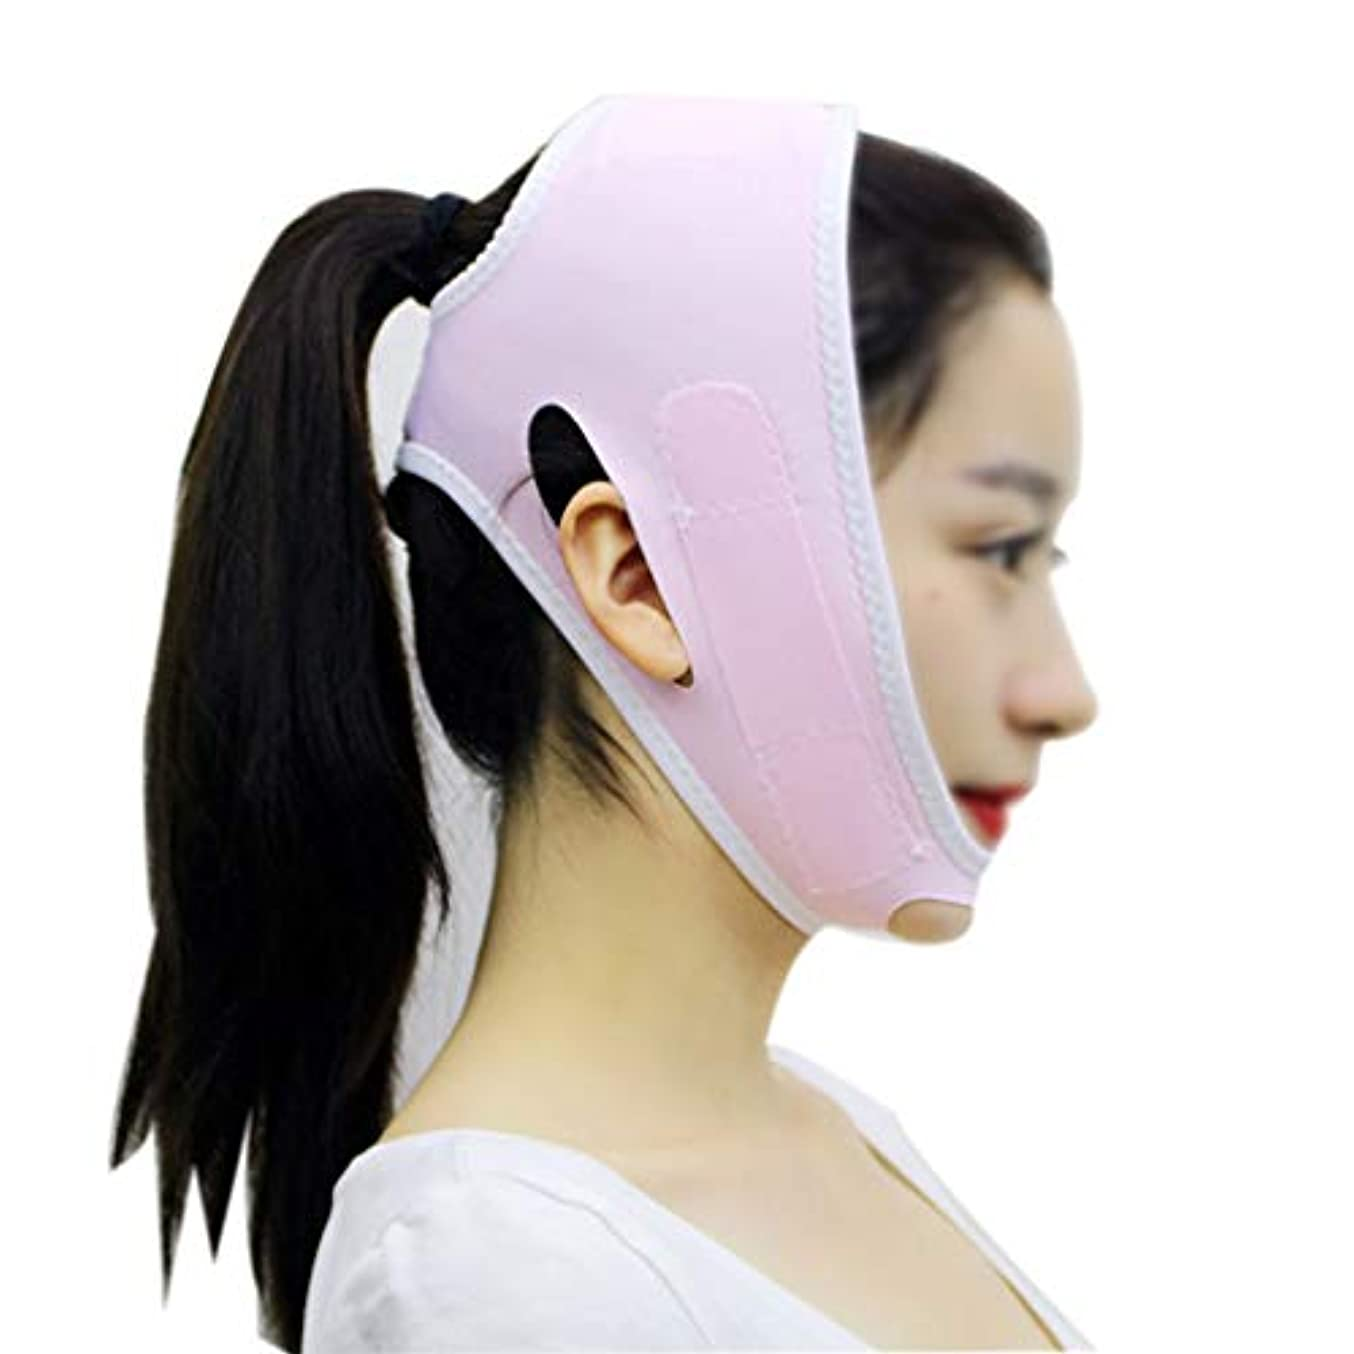 導出忘れられない雄弁TLMY 引き締め肌の薄い二重あごマスクを強化するためのフェイスリフティング包帯回復マスク 顔用整形マスク (Color : Pink)